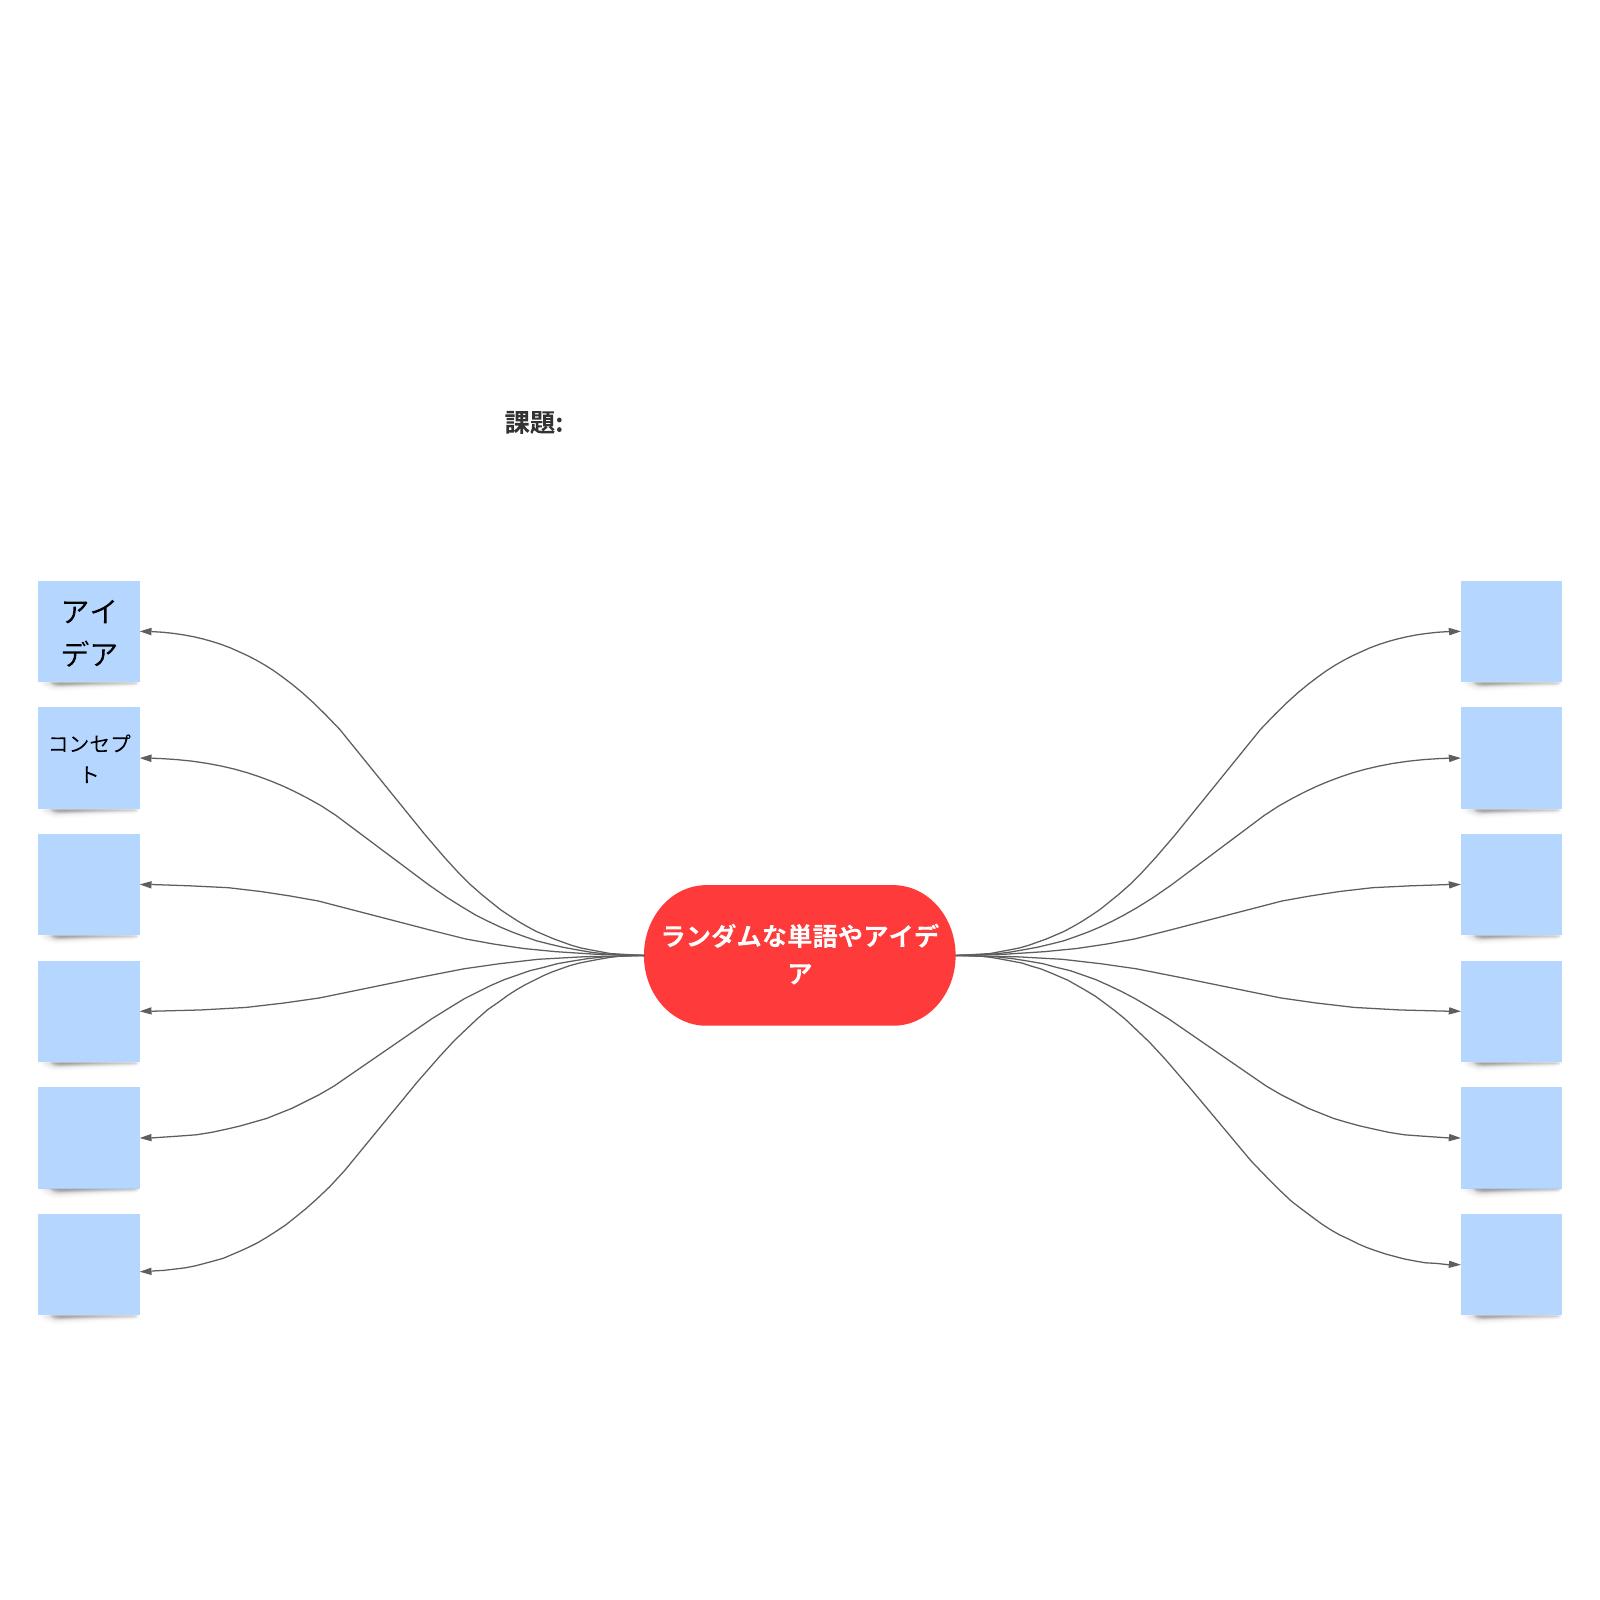 ランダムワードブレインストーミングテンプレート